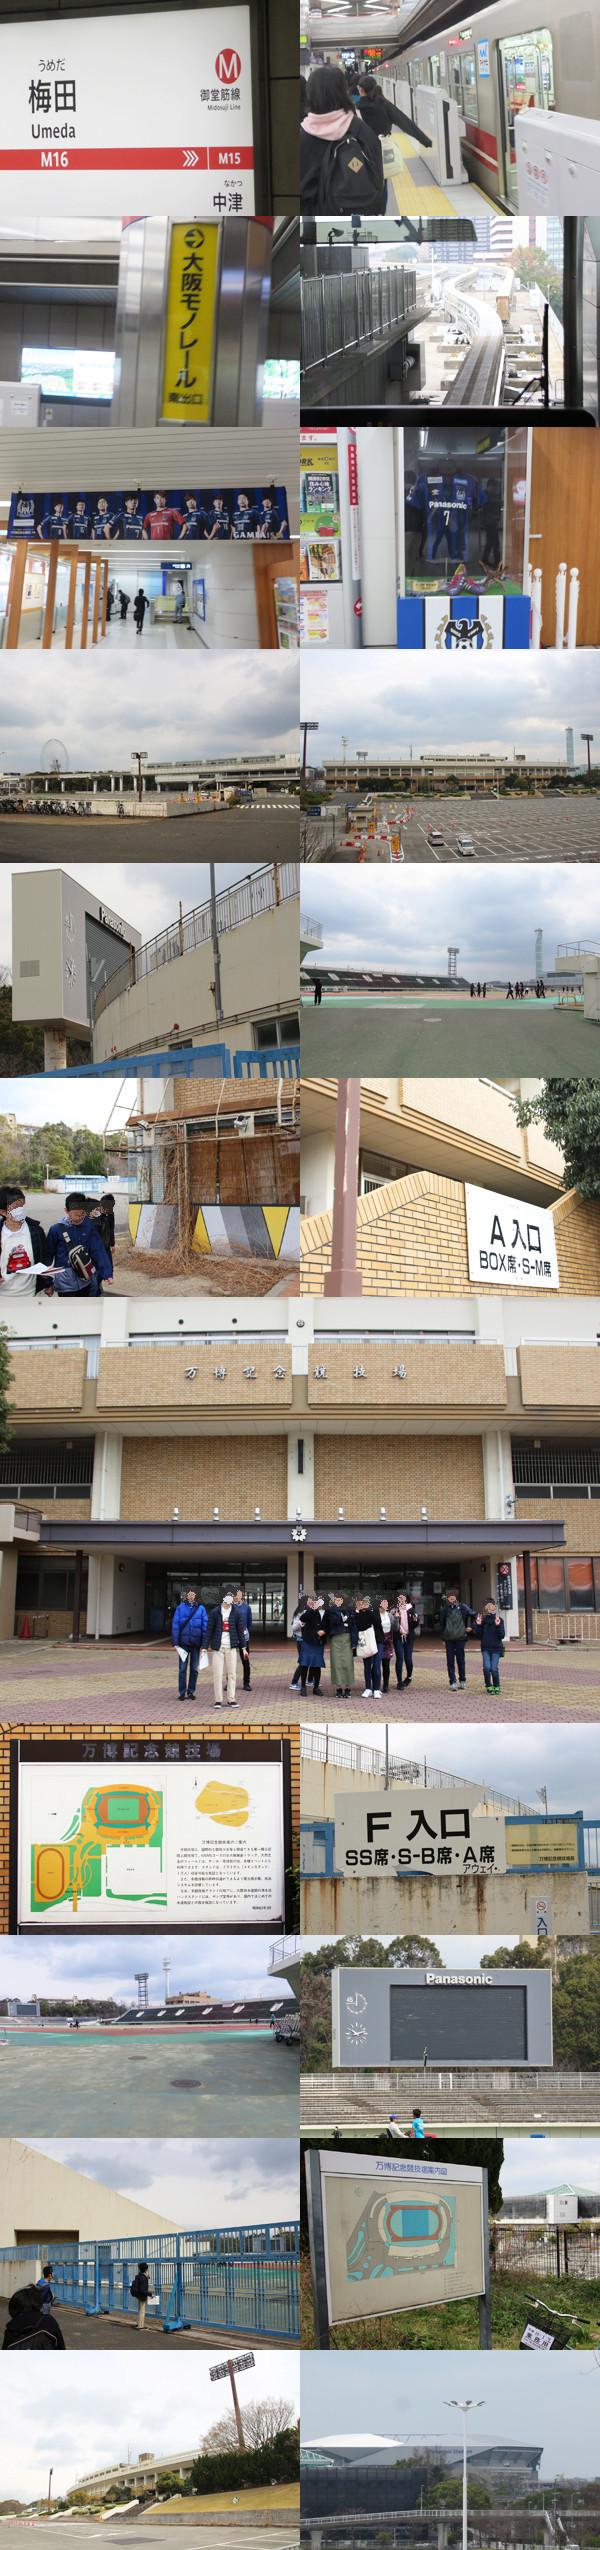 f:id:toshobu:20190323083652j:image